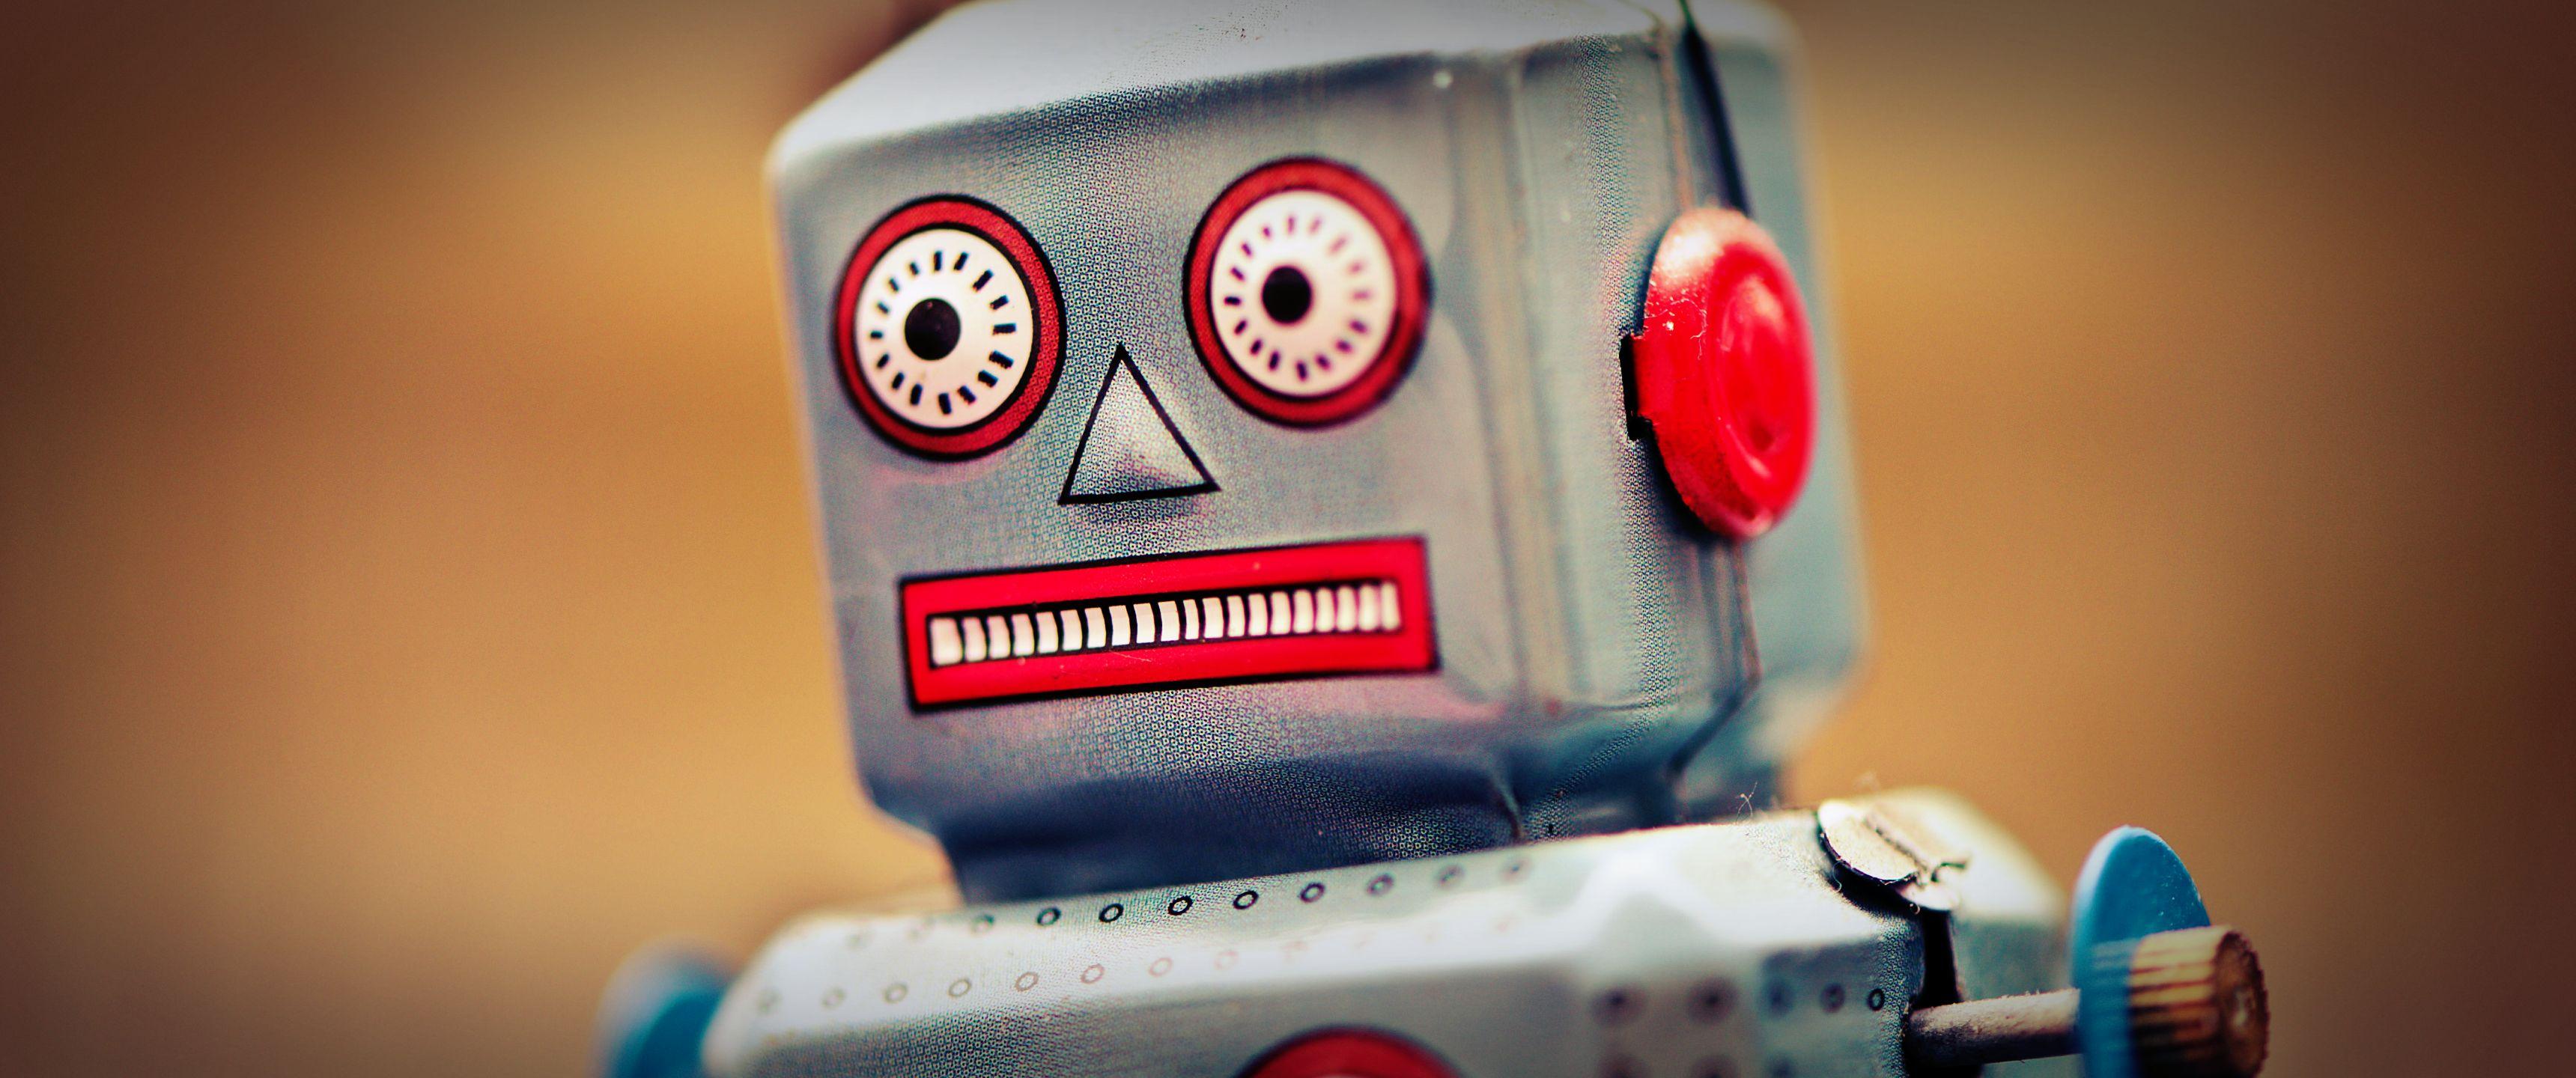 Robot wallpaper [3440x1440] WidescreenWallpaper 3440x1440